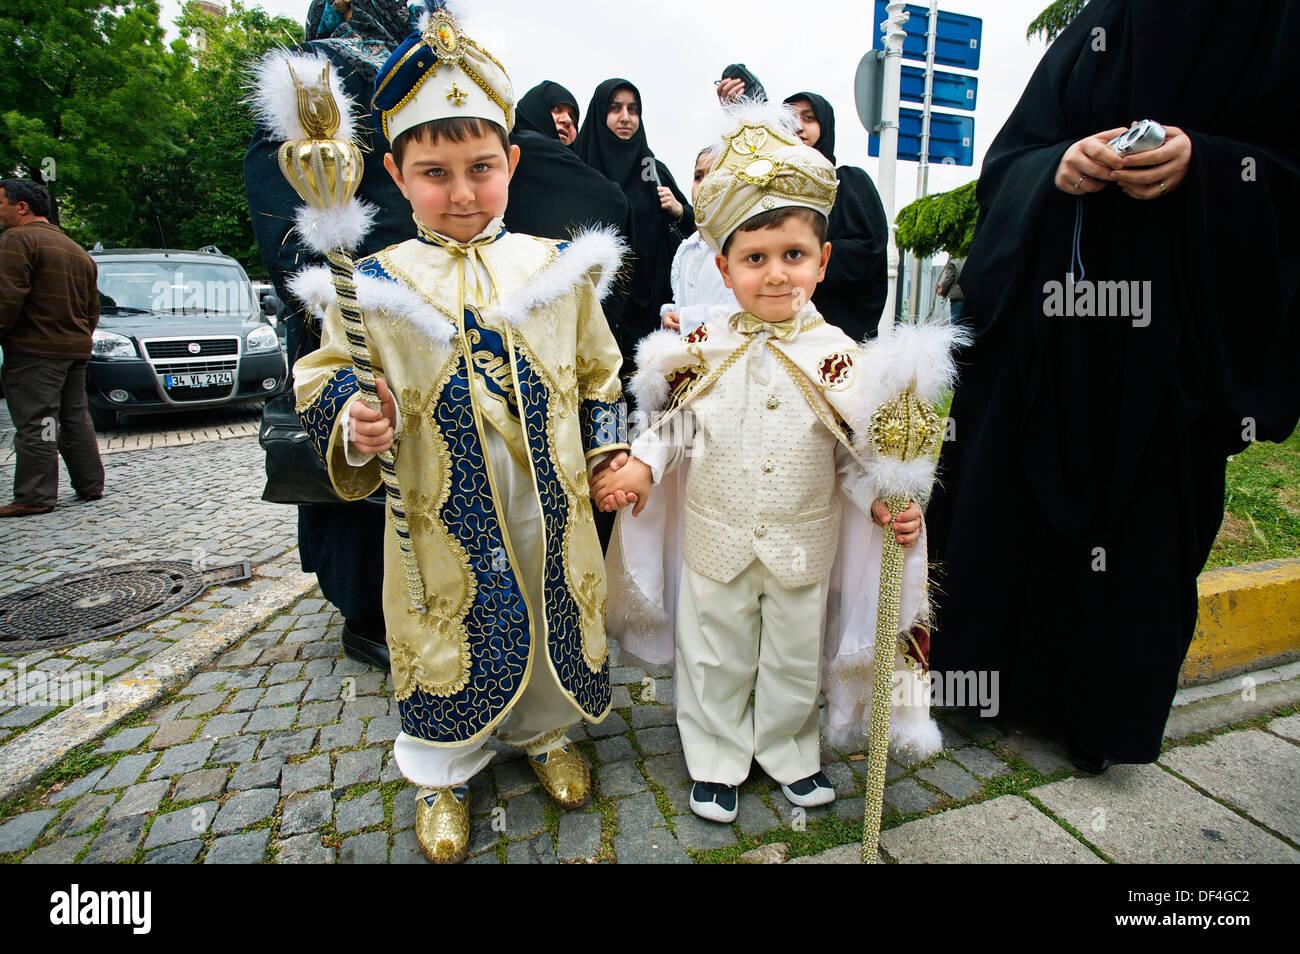 Kinder. Moschee Sultan Ahmet. Blaue Moschee. Istanbul. Turkei ...